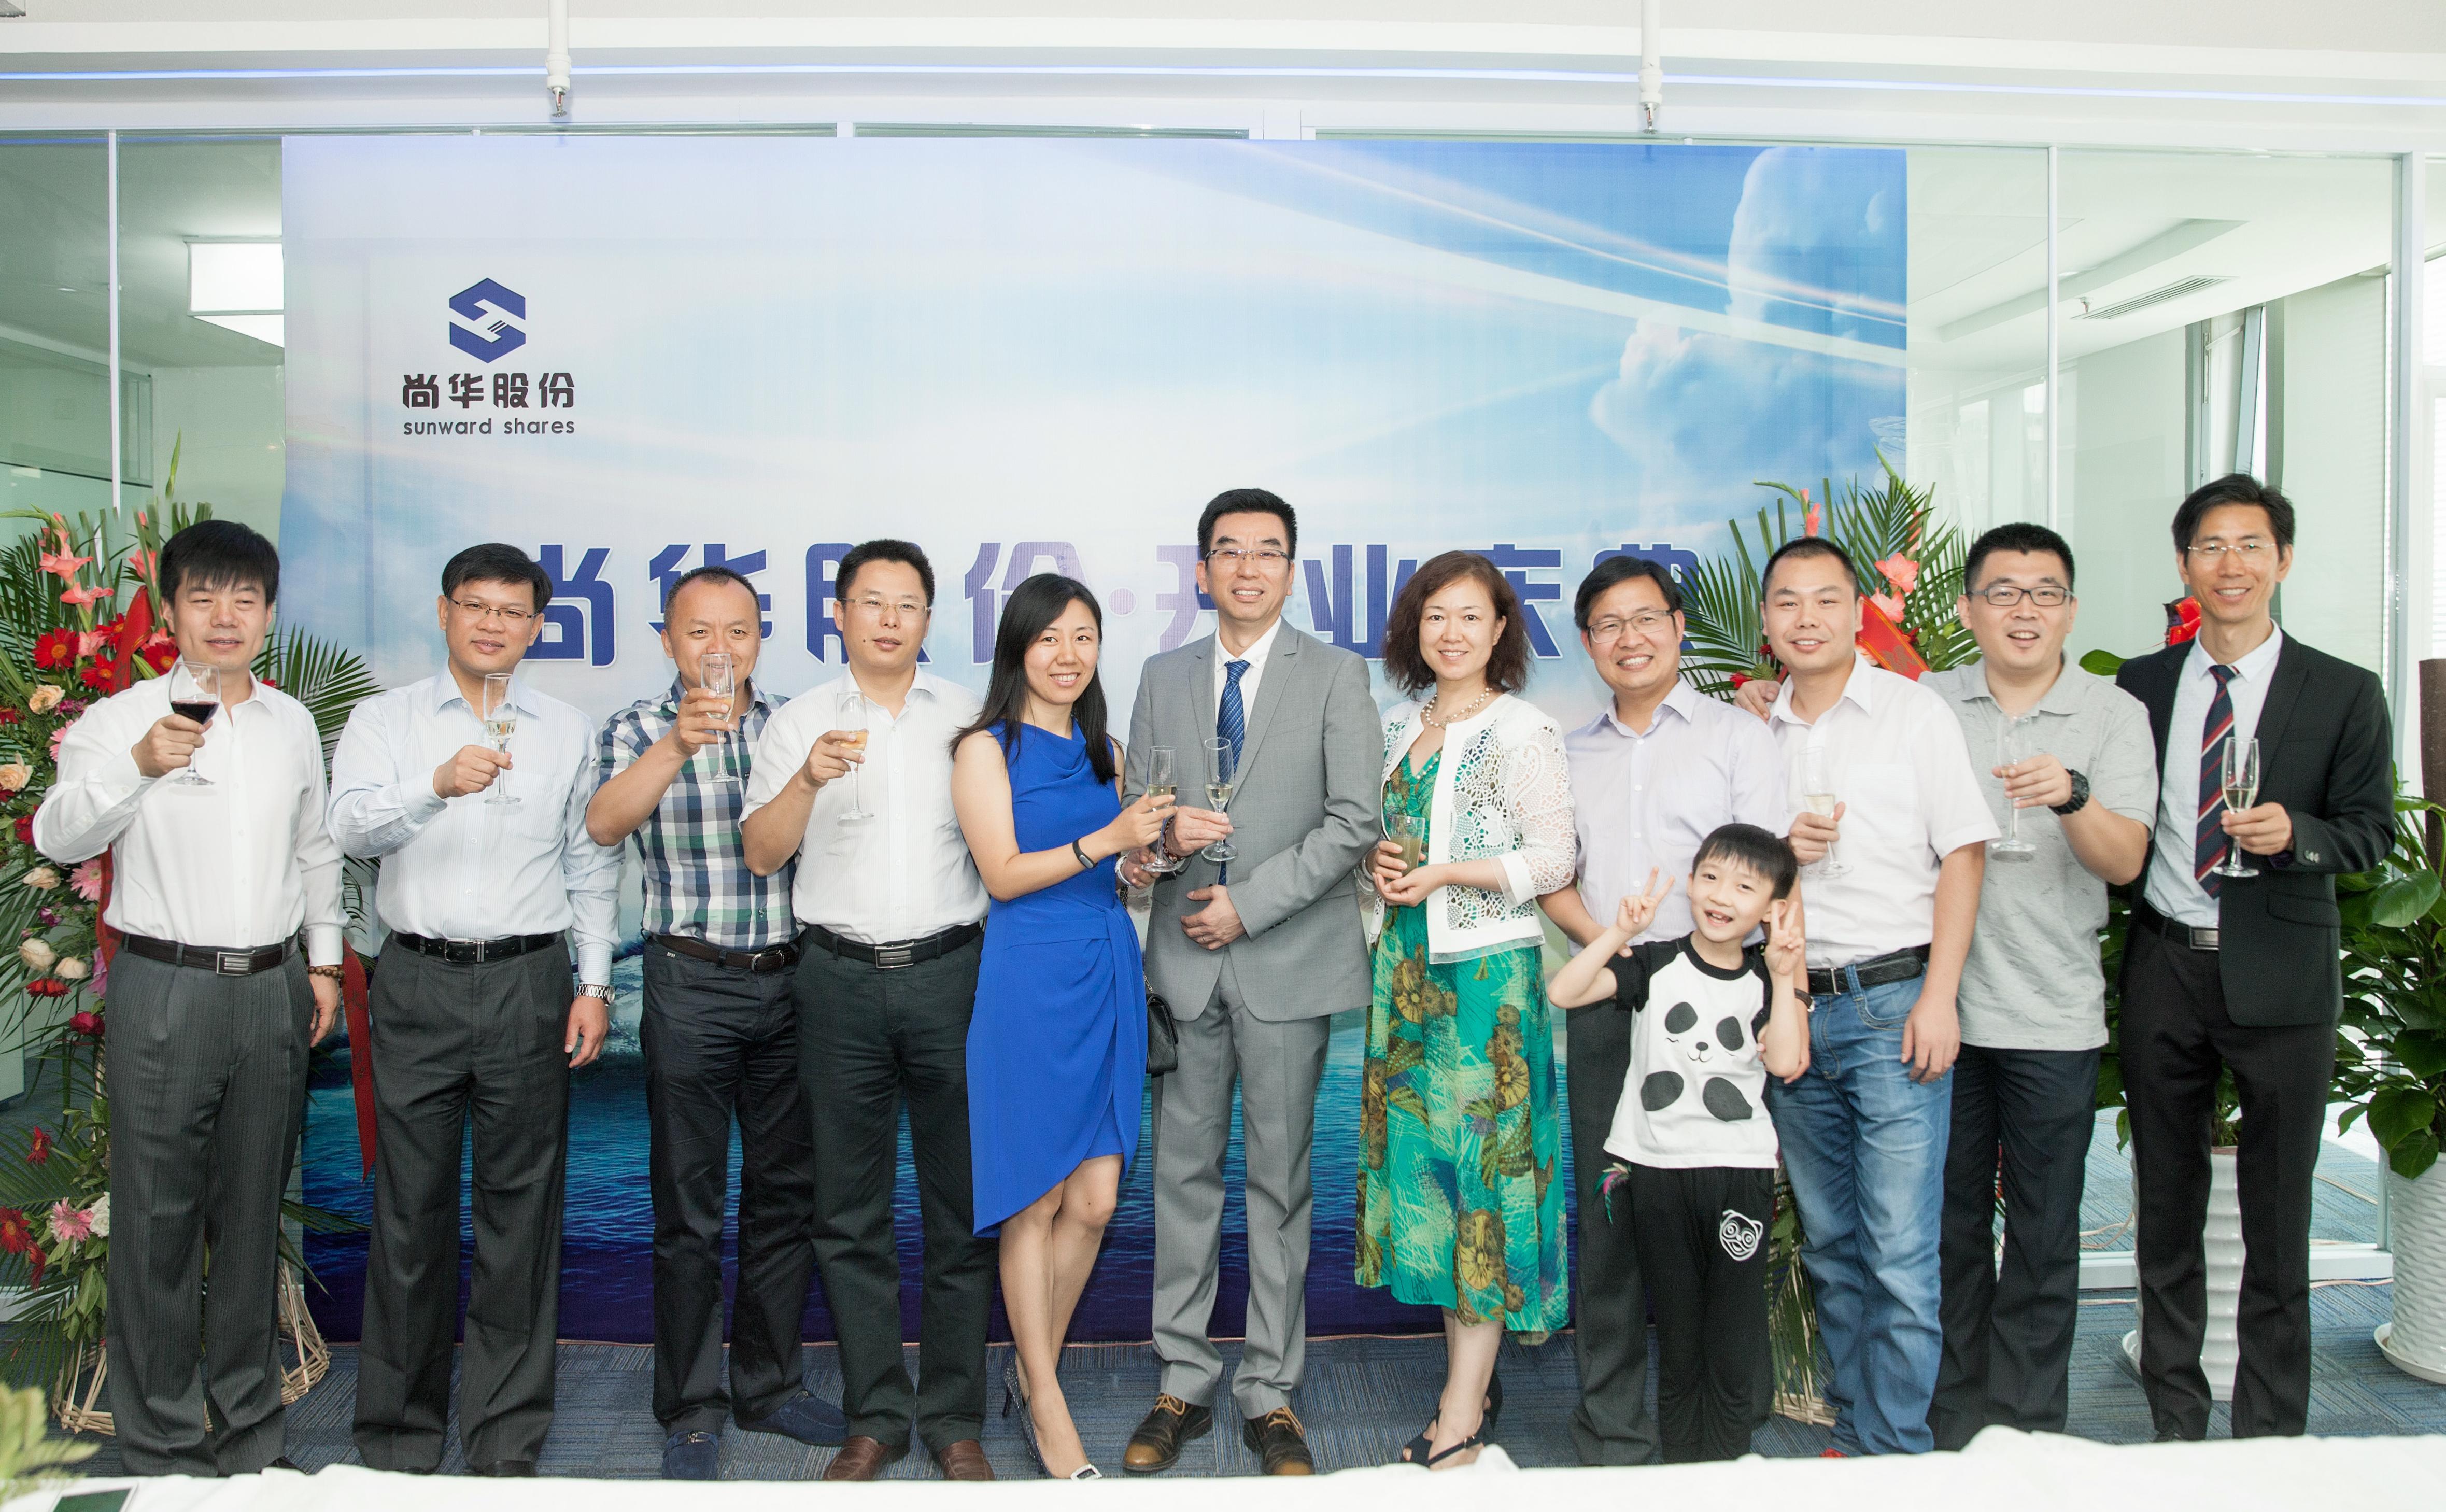 尚华节能环保科技股份公司举行酒会式开业庆典